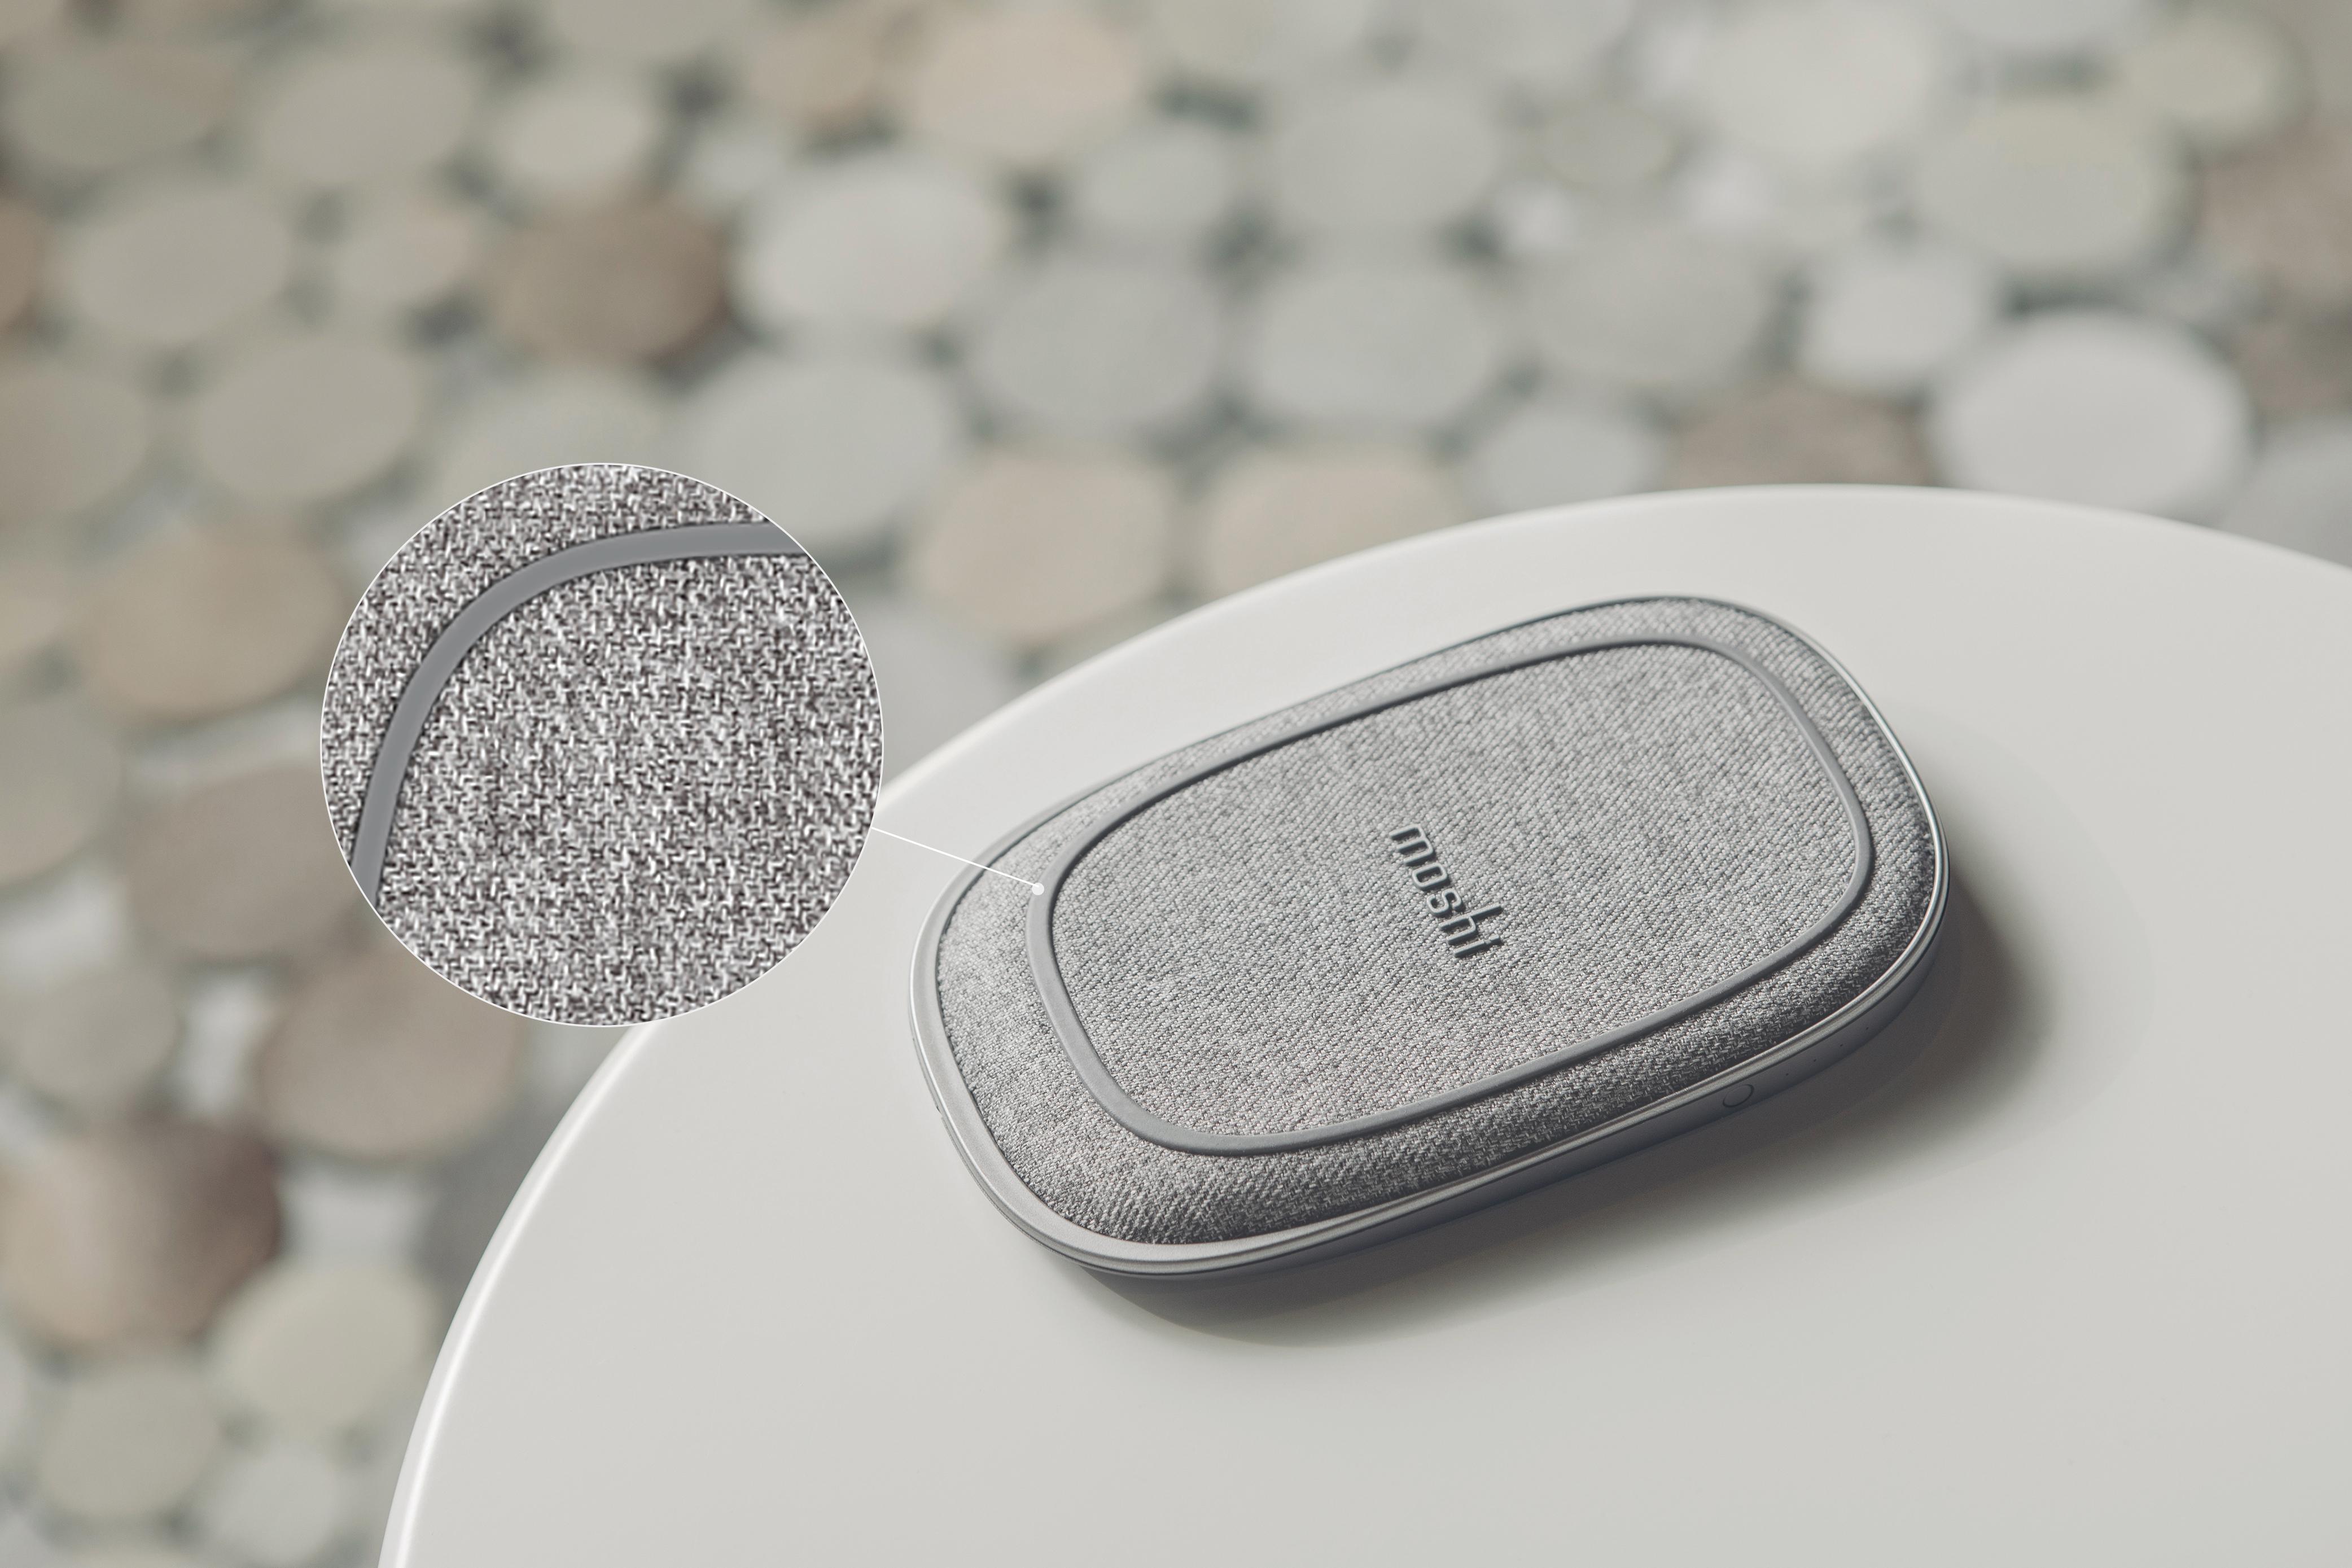 Tu teléfono se acomodará en Porto Q 5K gracias a su suave terminado, mientras que el anillo de silicona antideslizante lo mantendrá en su sitio.